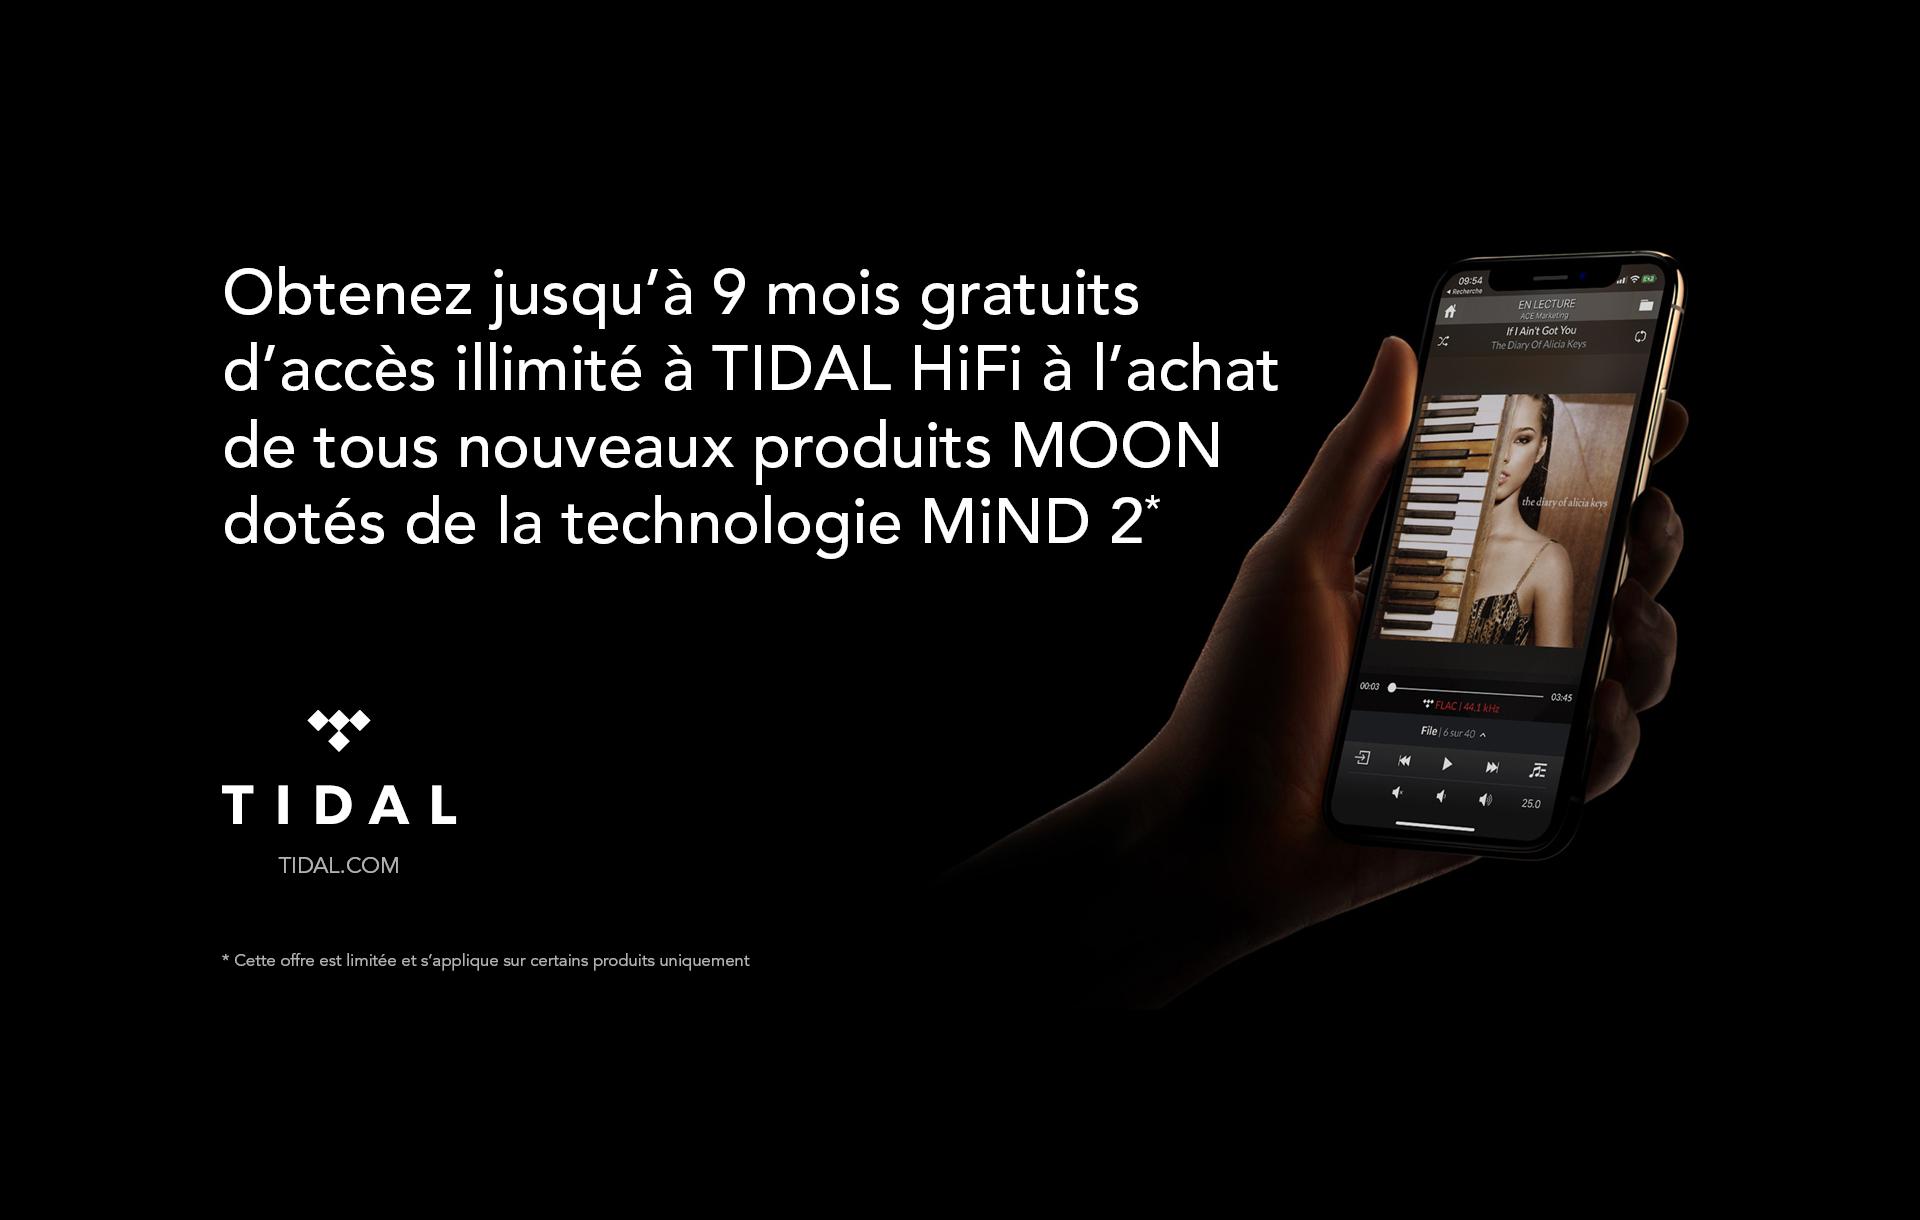 9 mois gratuit accès illimité TIDAL HIFI pour achat de produits moon et technologie mind 2